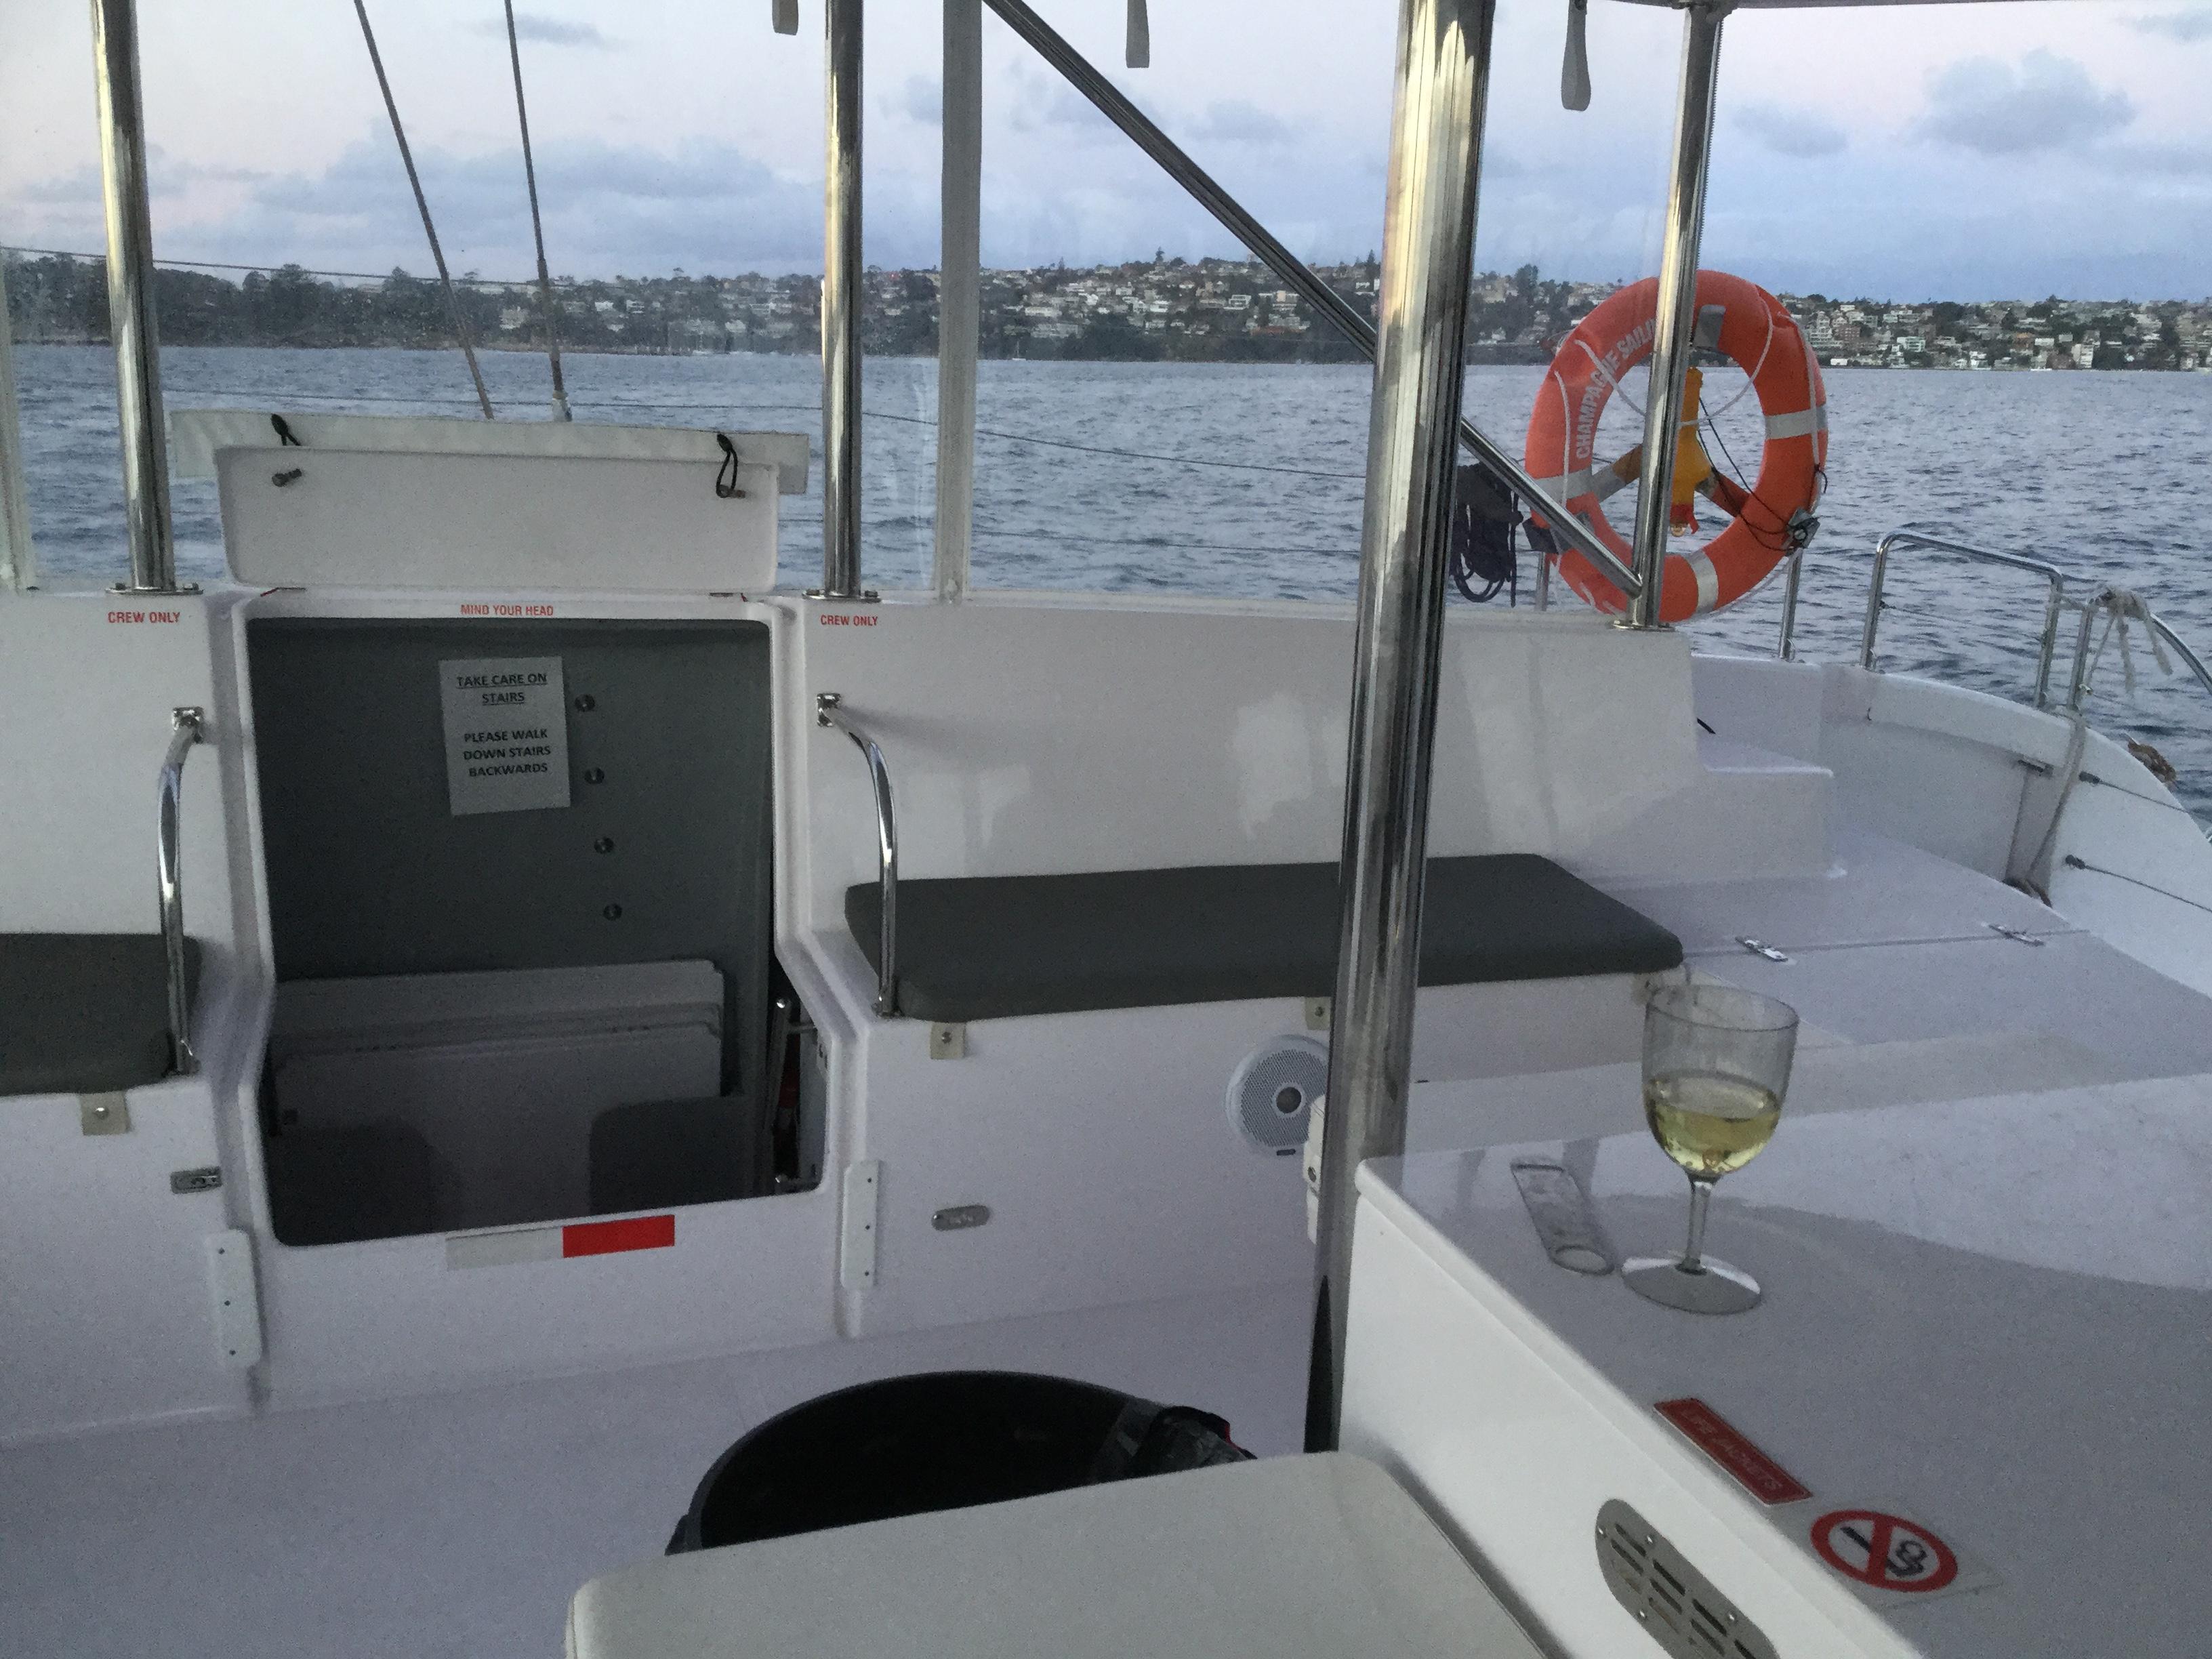 パーティにいかが?シドニー湾を独り占めのプライベートクルーズ